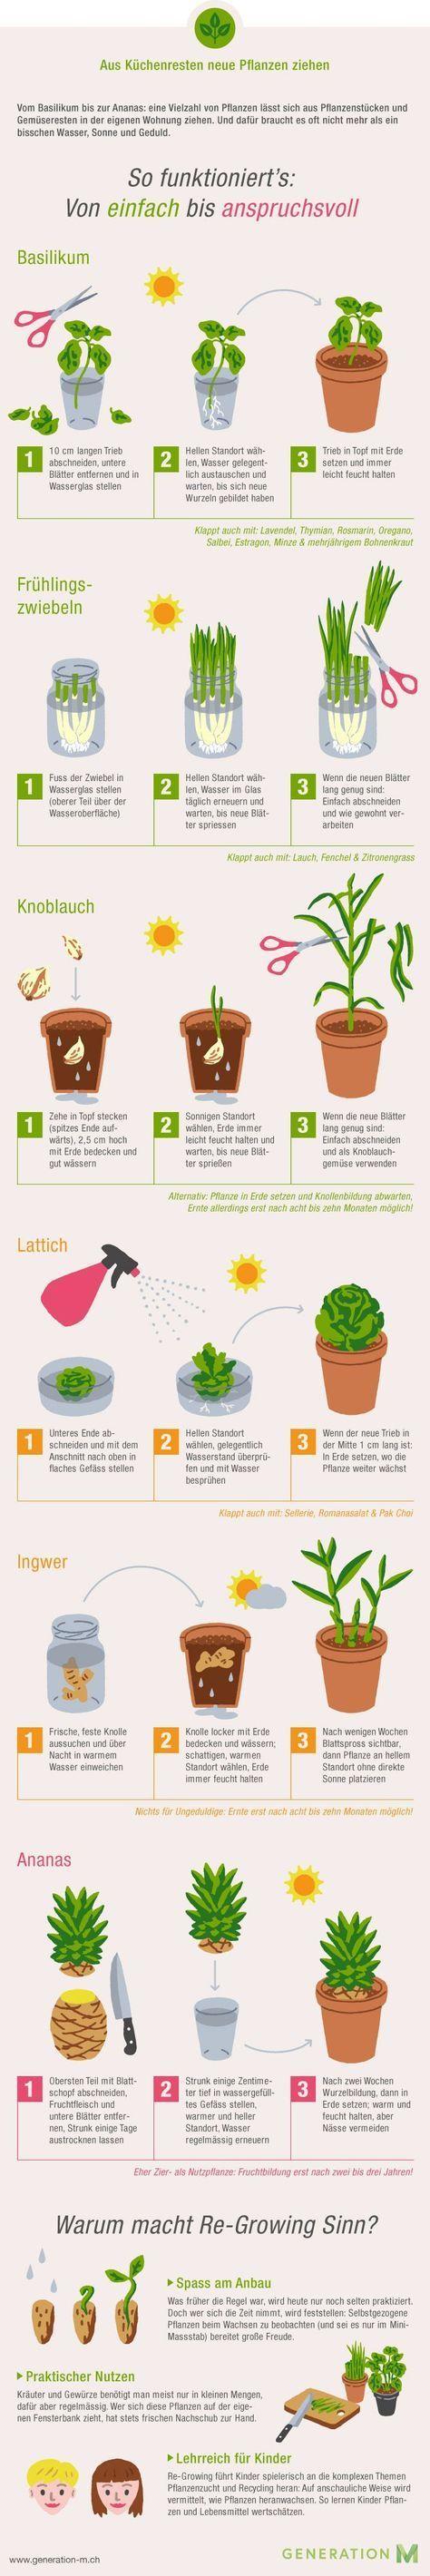 Die Infografik zeigt Ihnen wie Sie aus Küchenresten neues Gemüse ziehen. Druck